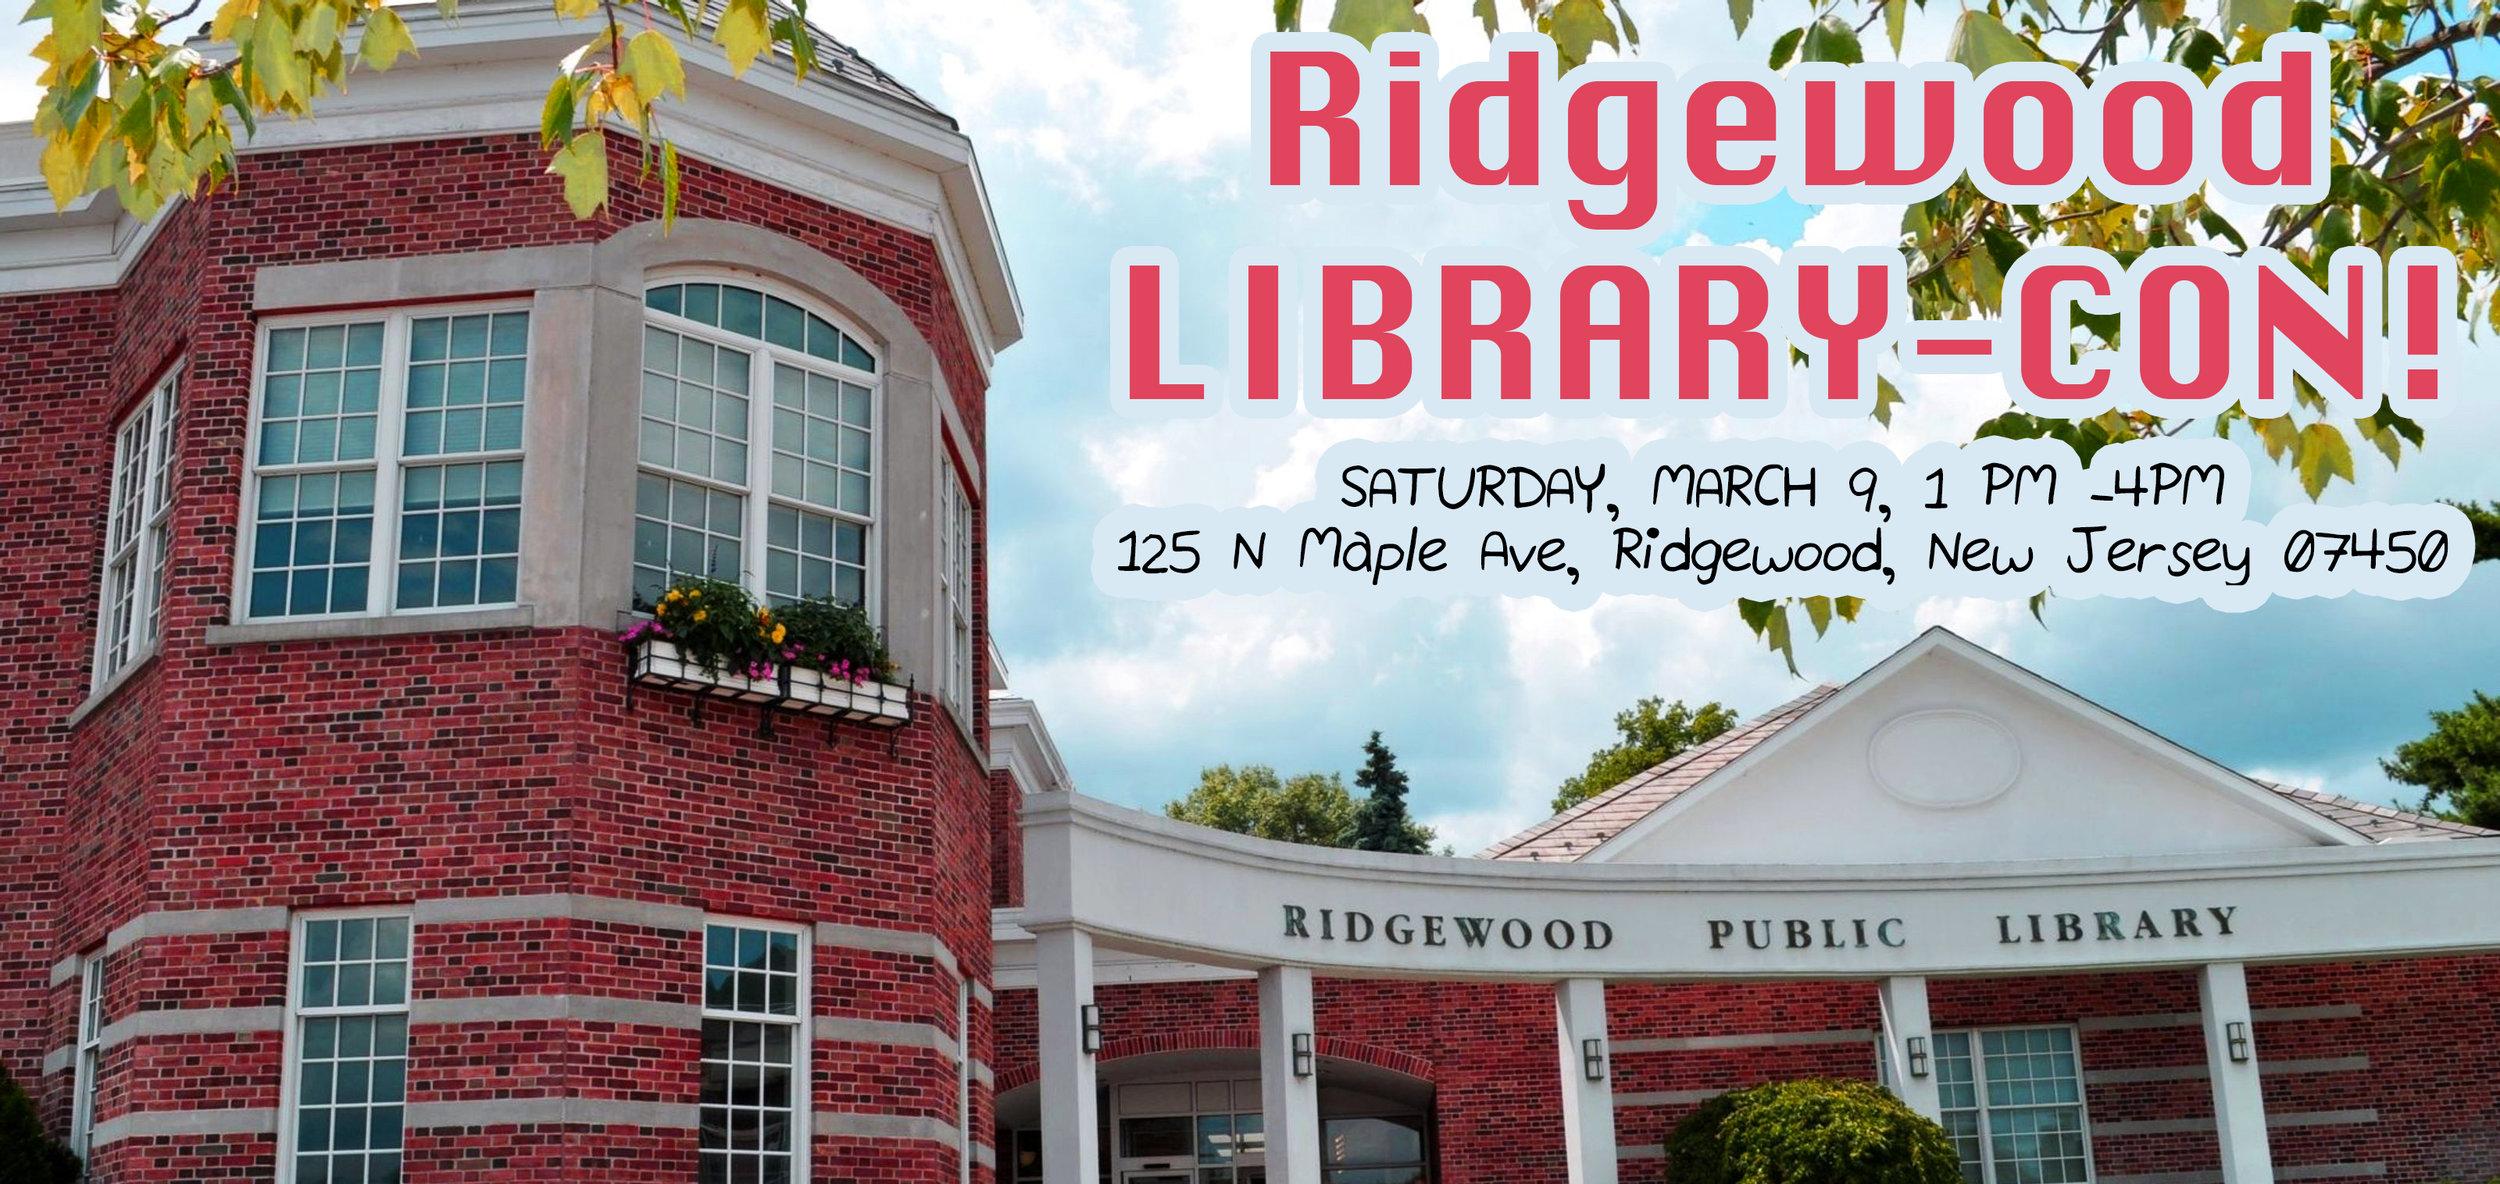 ridgewood.jpg